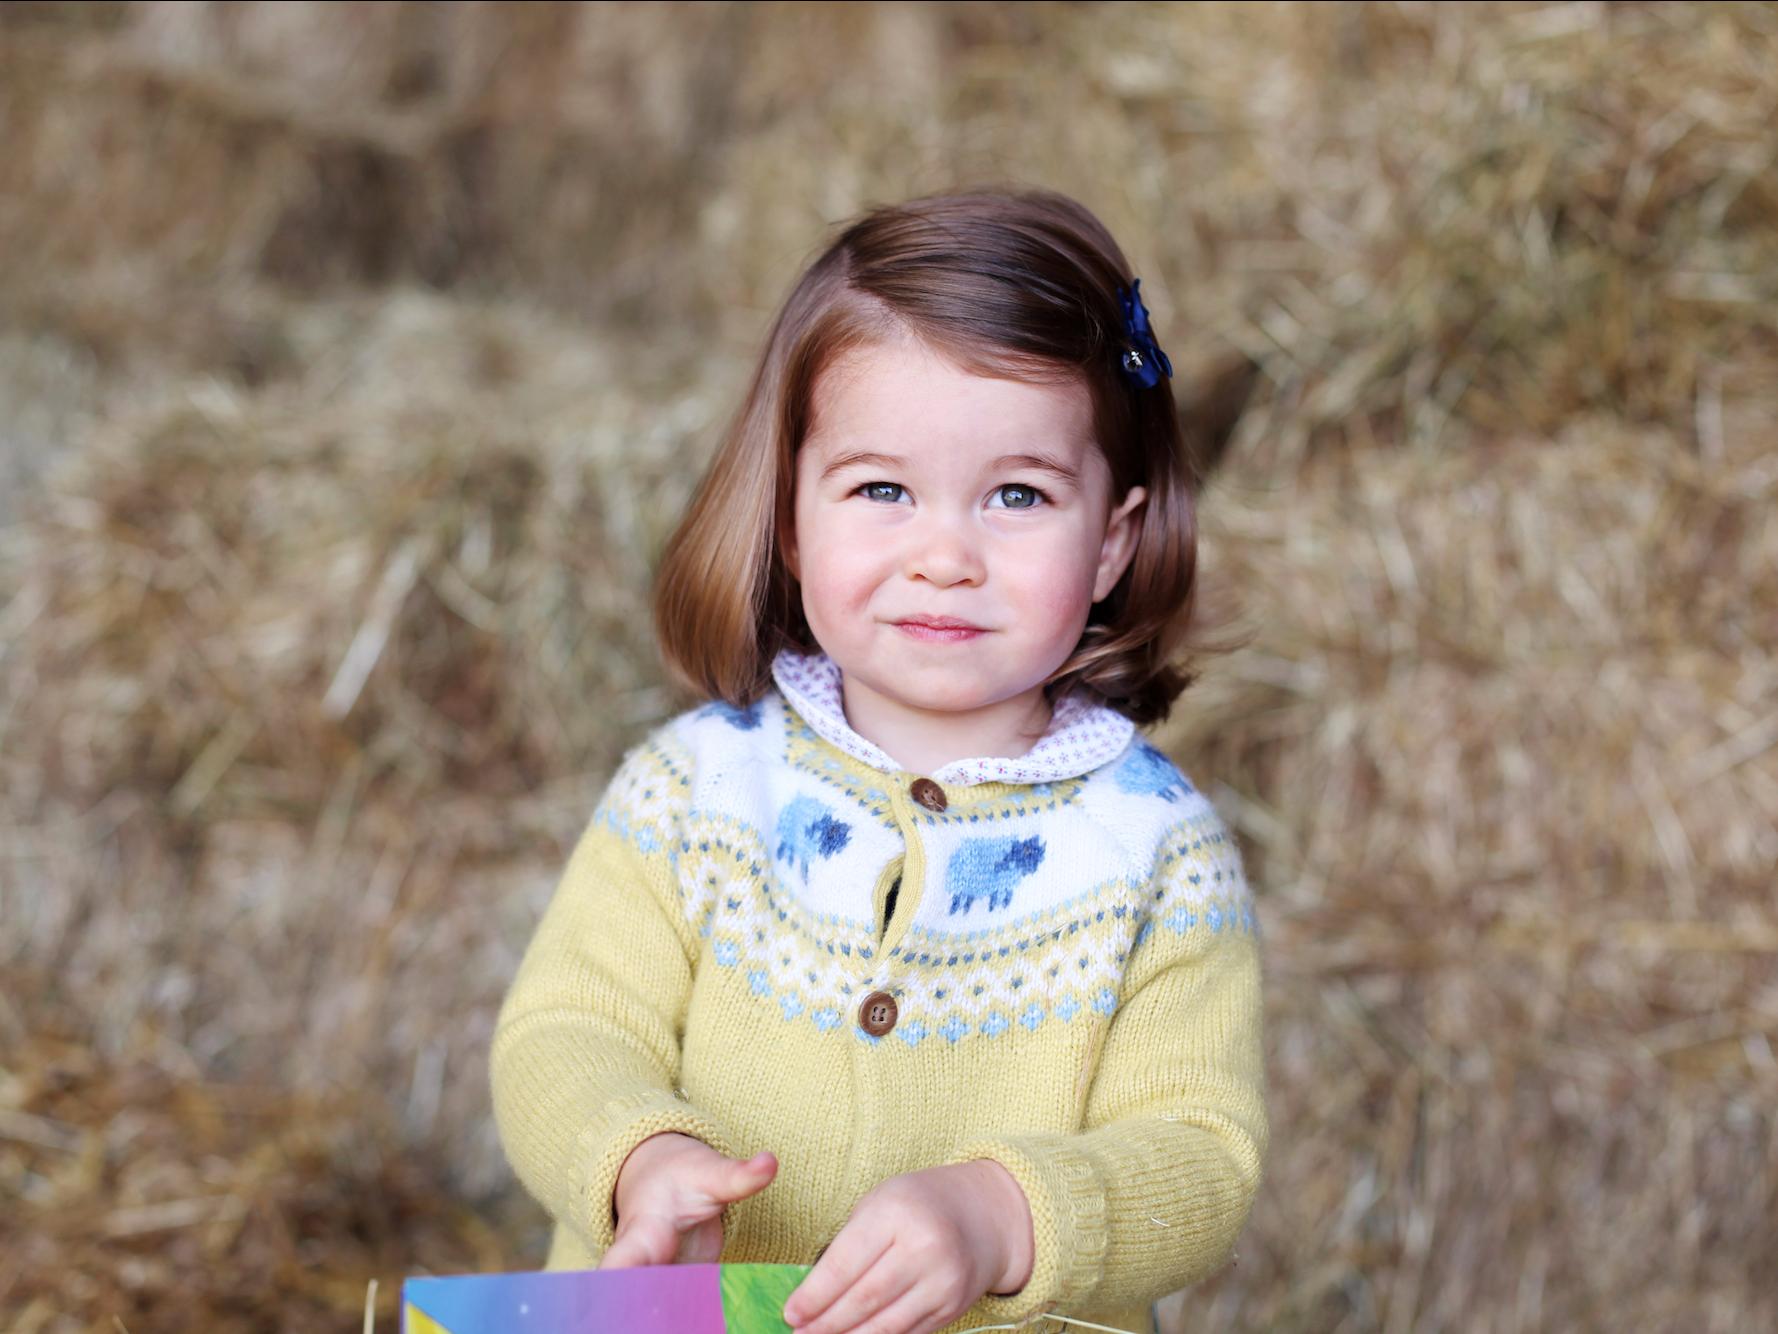 Công chúa Charlotte càng lớn càng xinh như búp bê, tóc mây bồng bềnh khiến ai cũng ghen tị - Ảnh 9.